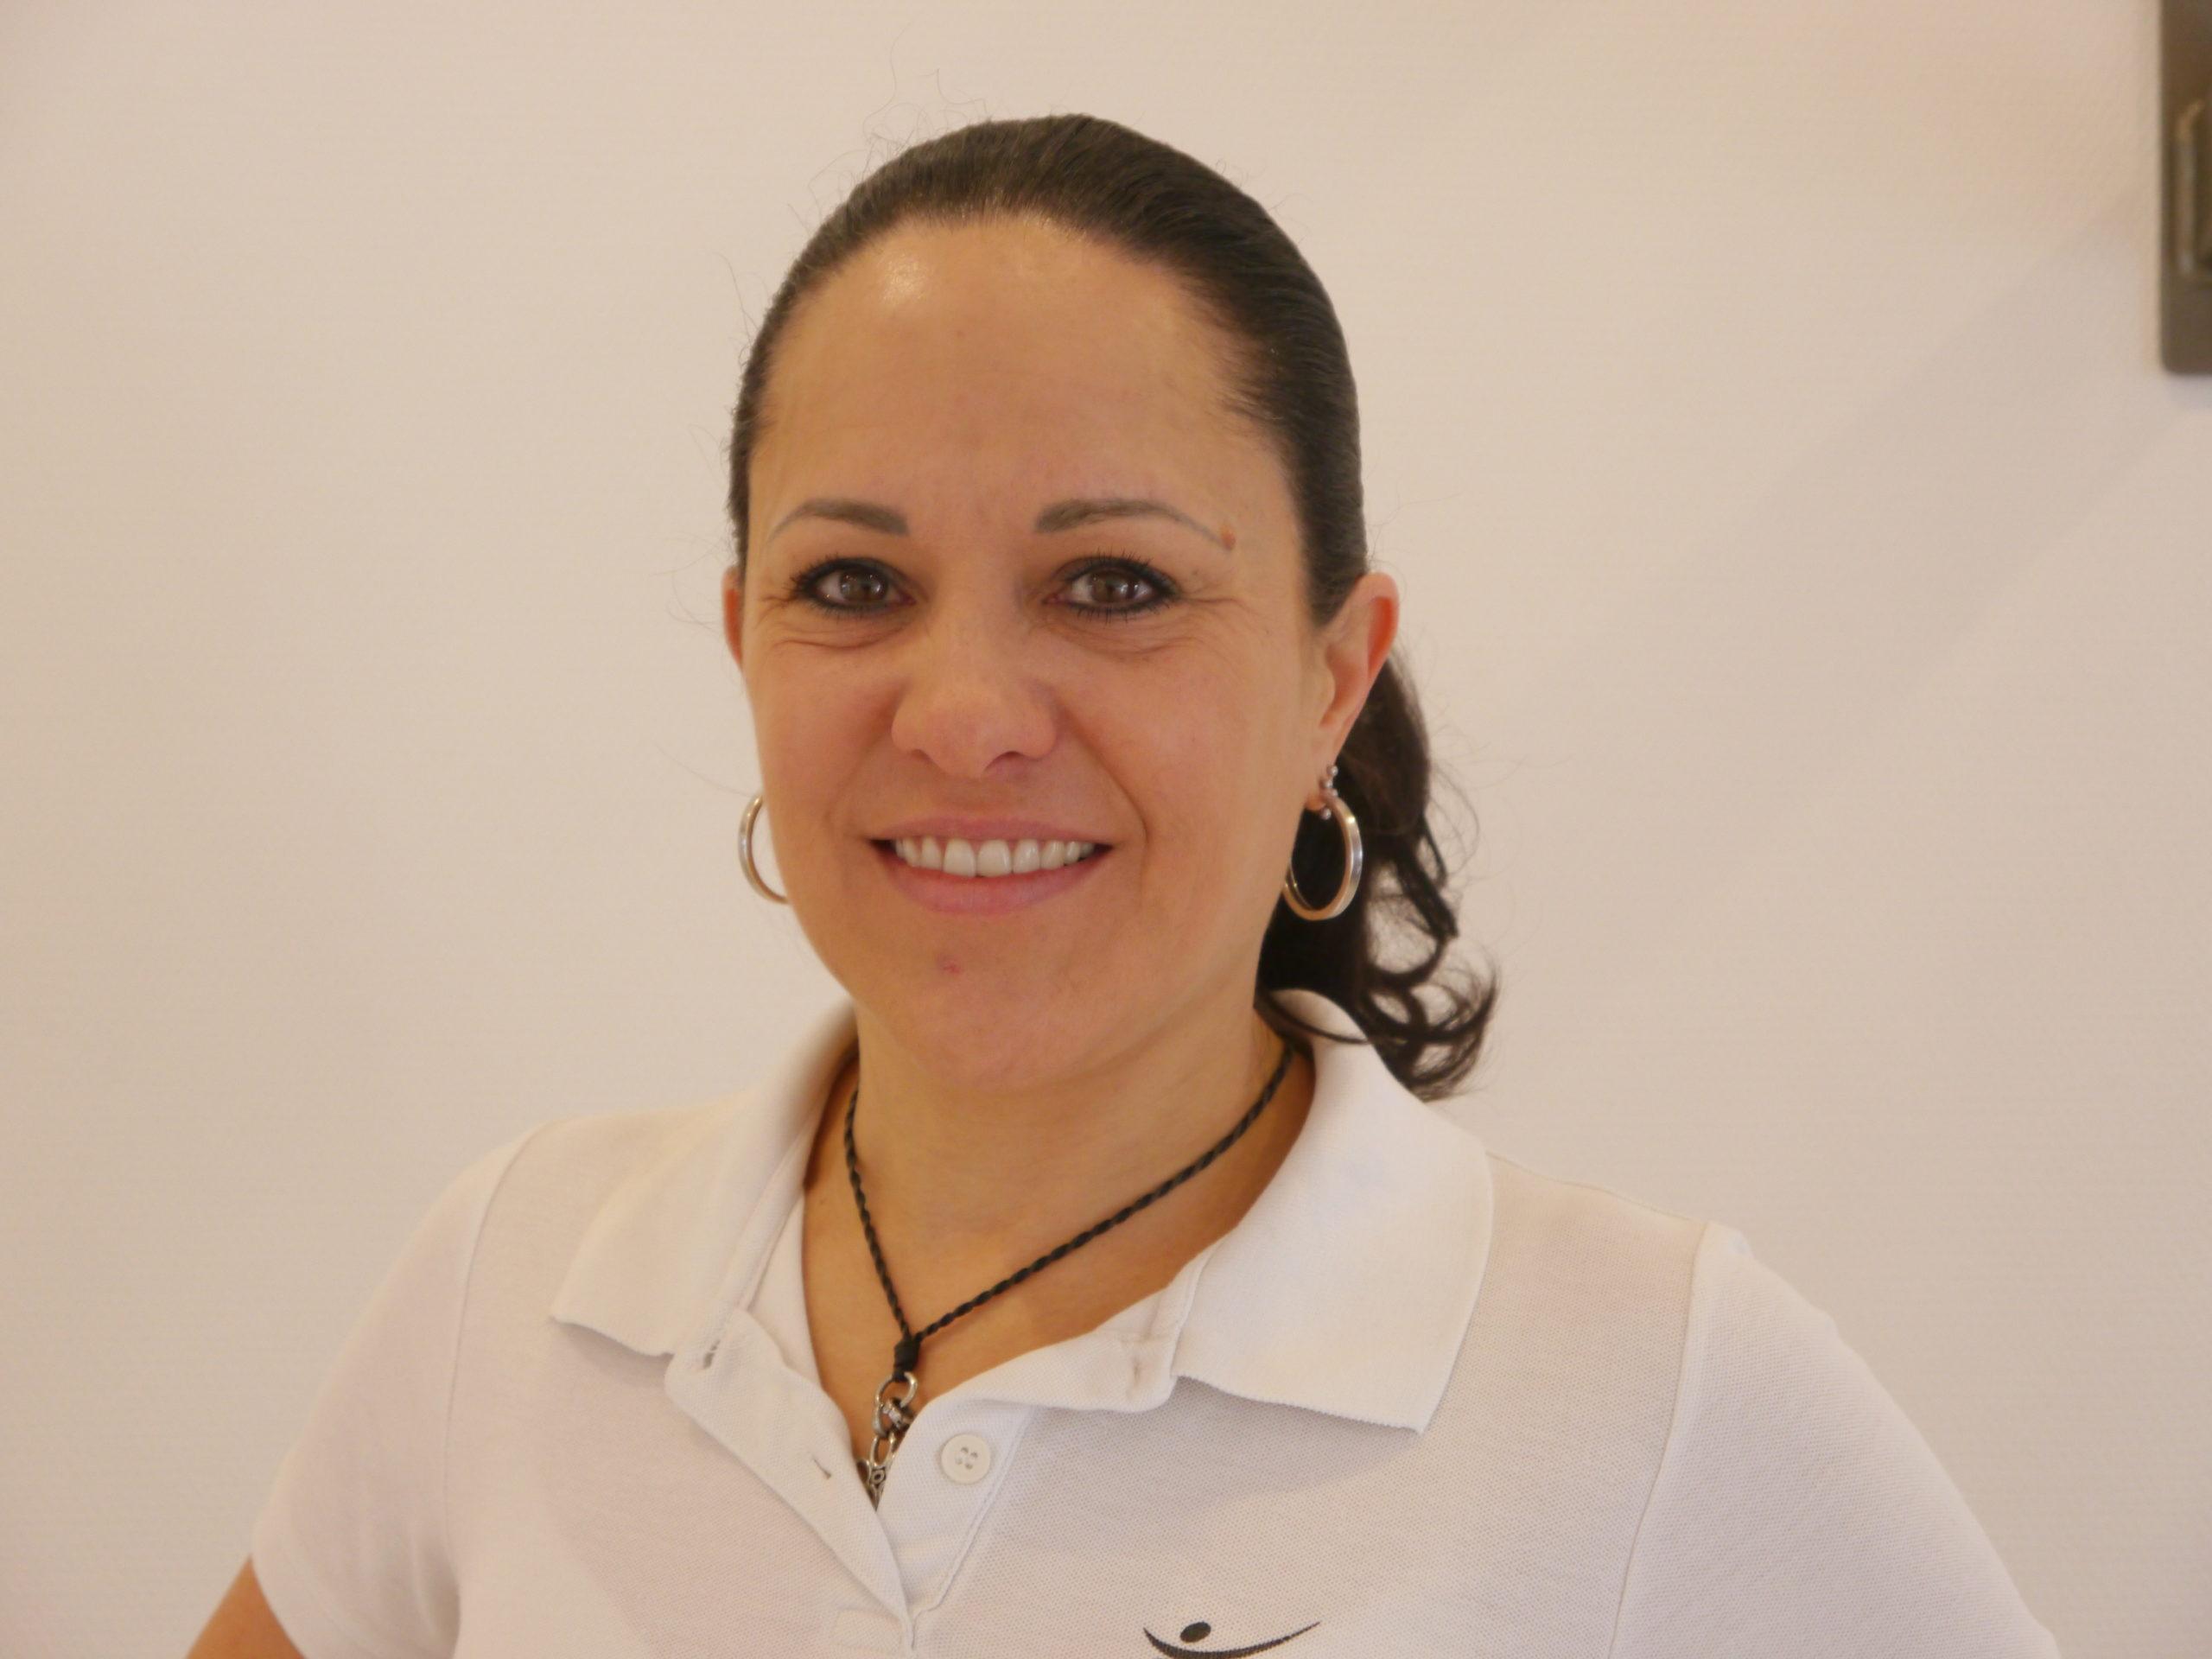 Miriam Huber